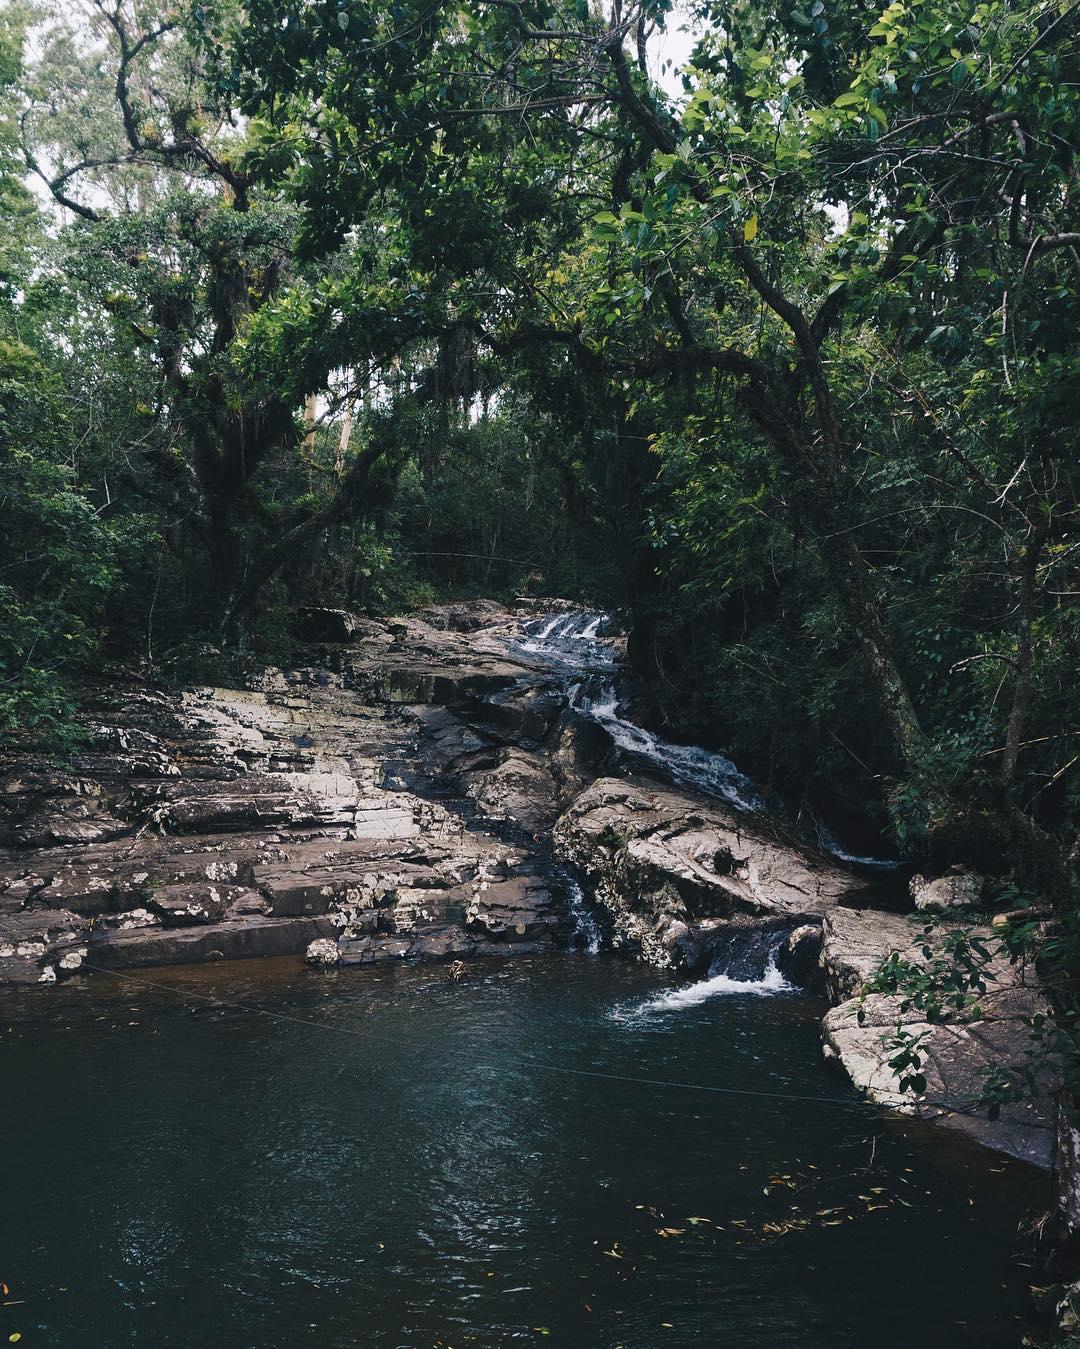 Macacu Falls in Garopaba, Brazil